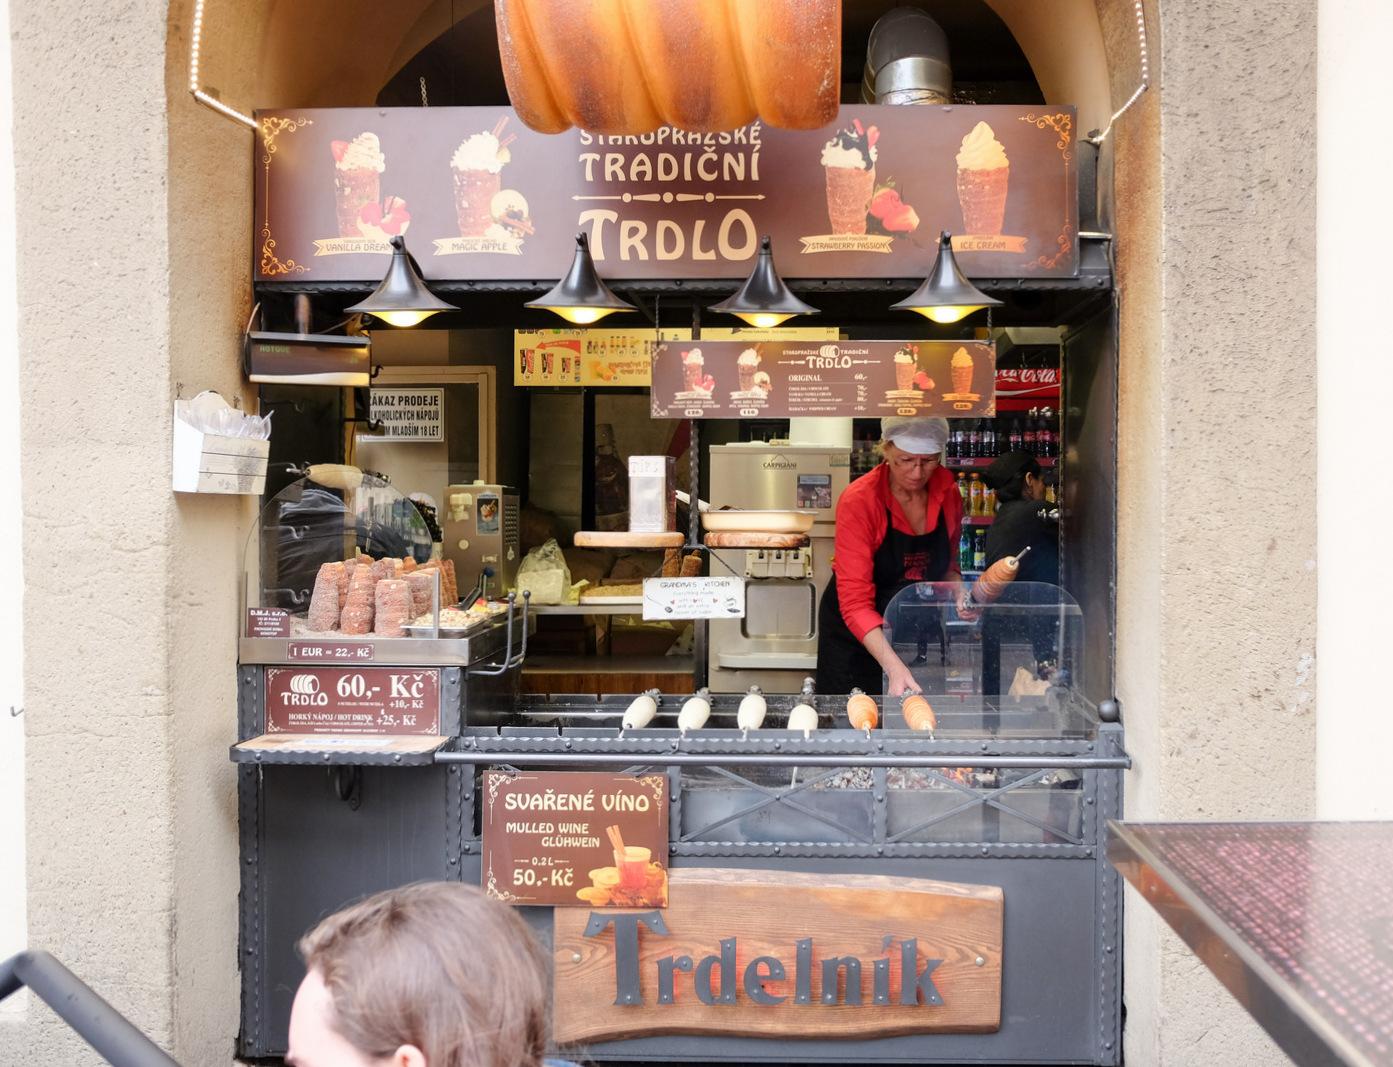 Trdelnik, Prague